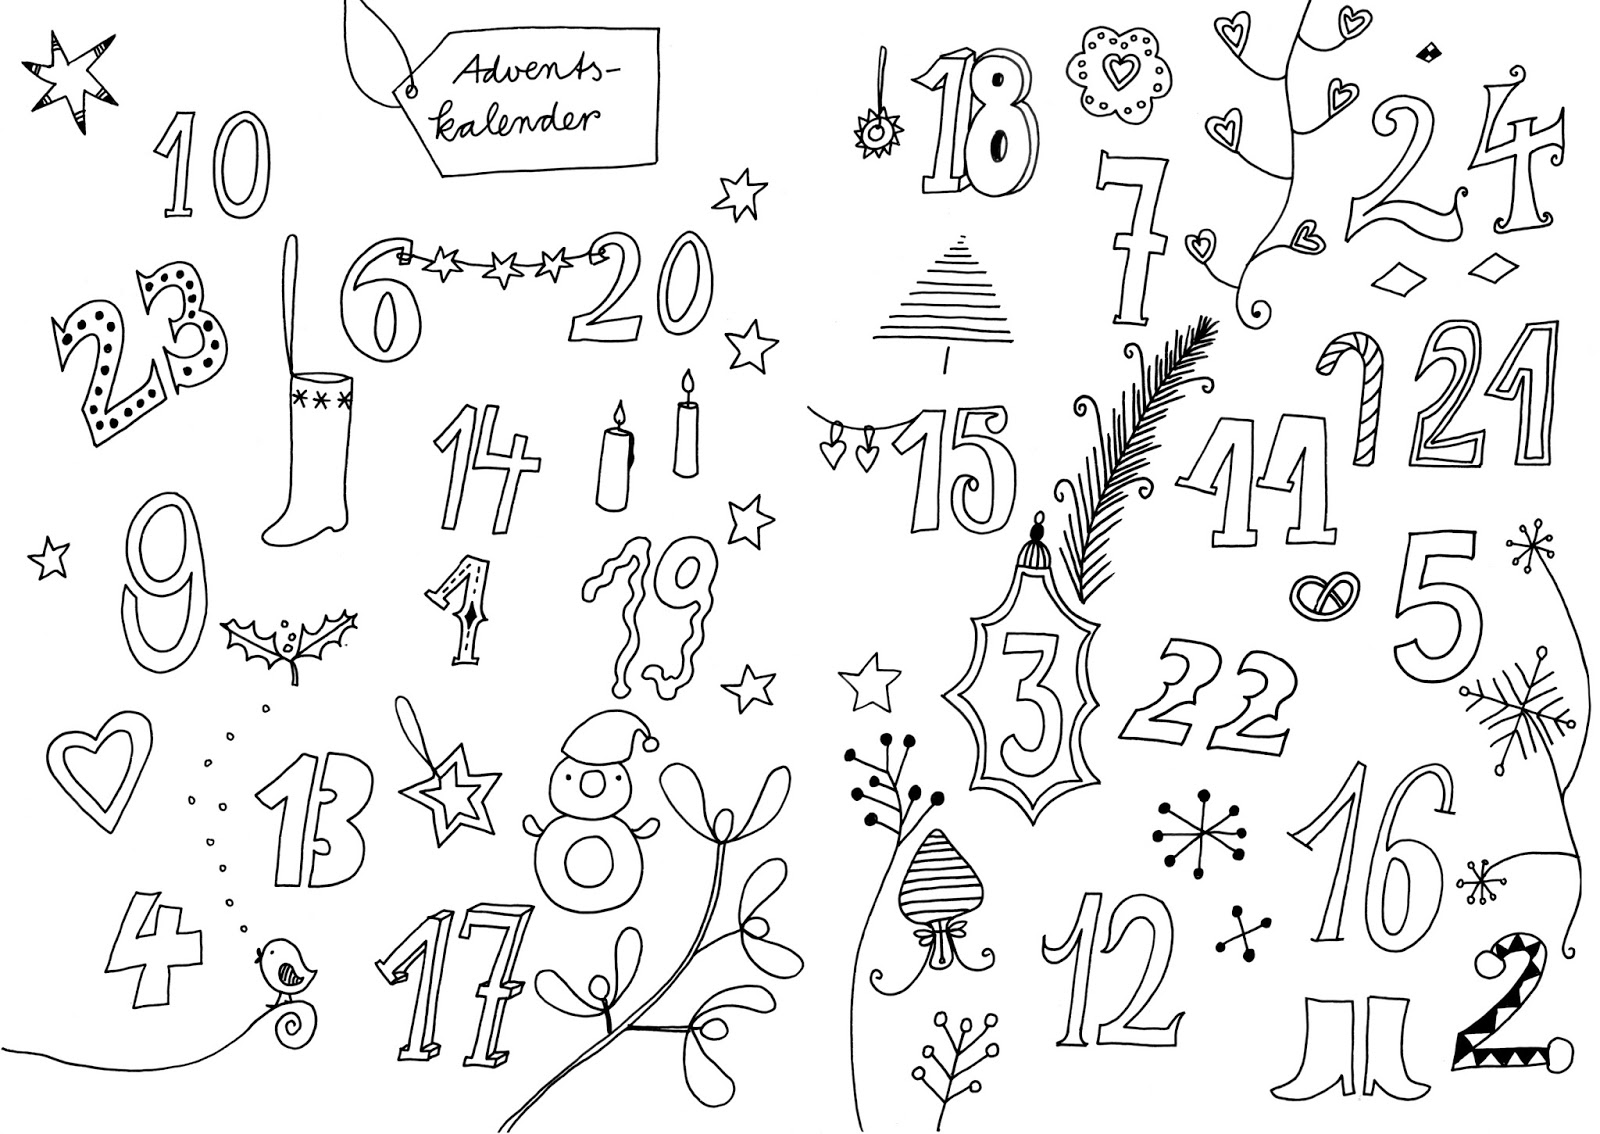 constanze guhr illustrations: advent, adventadventskalender zum